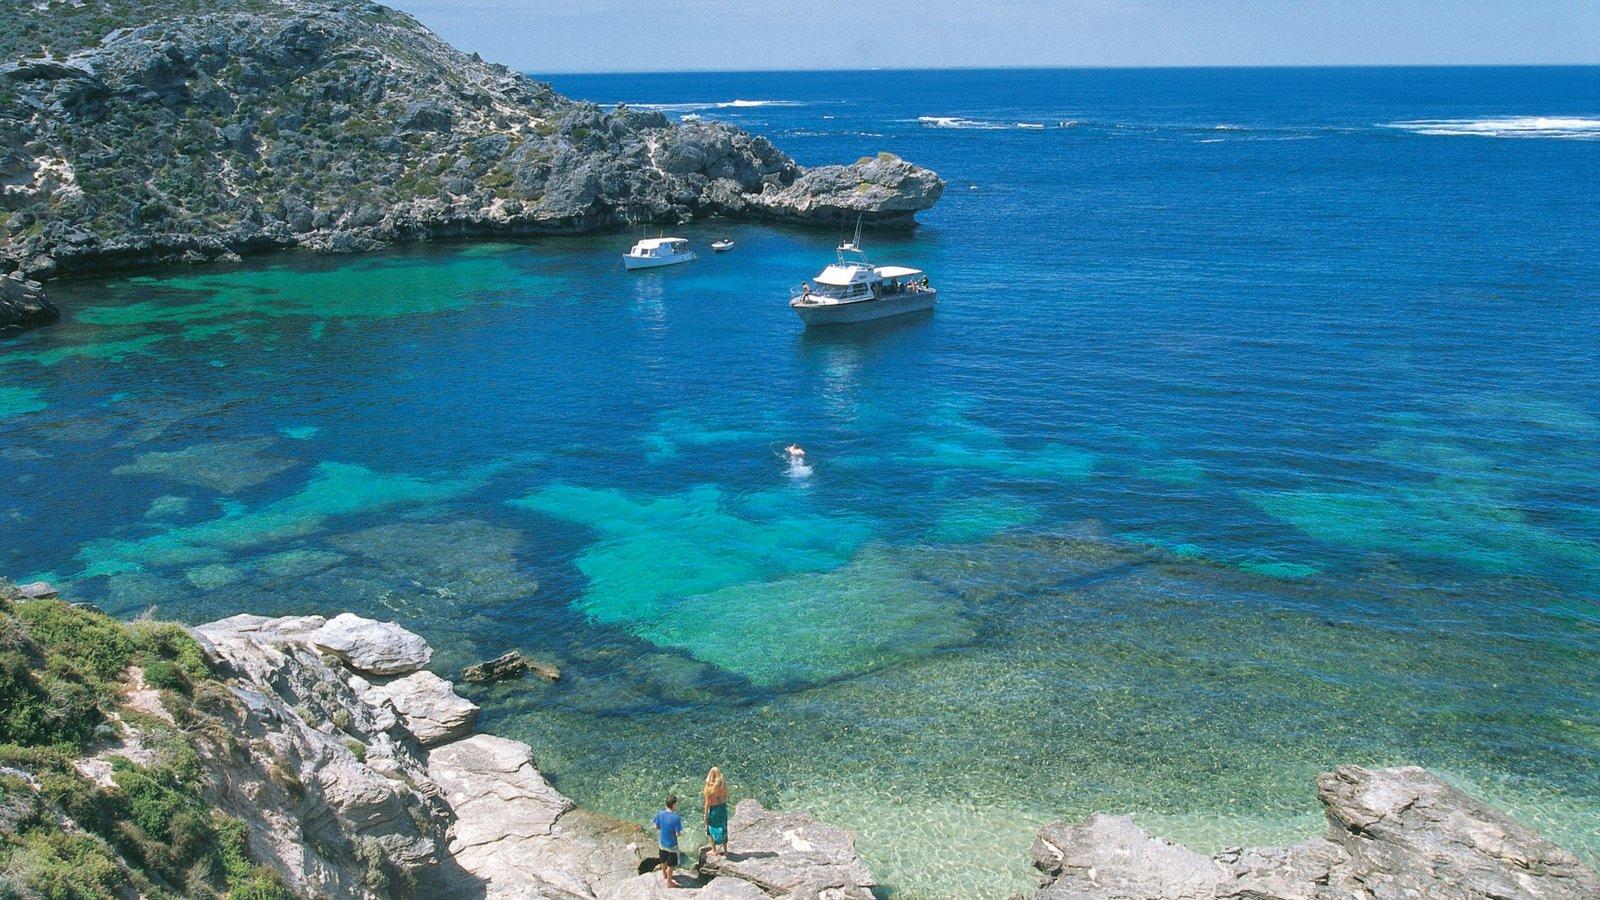 Isla Rottnest ofreciendo paseos en lancha, una bahía o puerto y costa rocosa